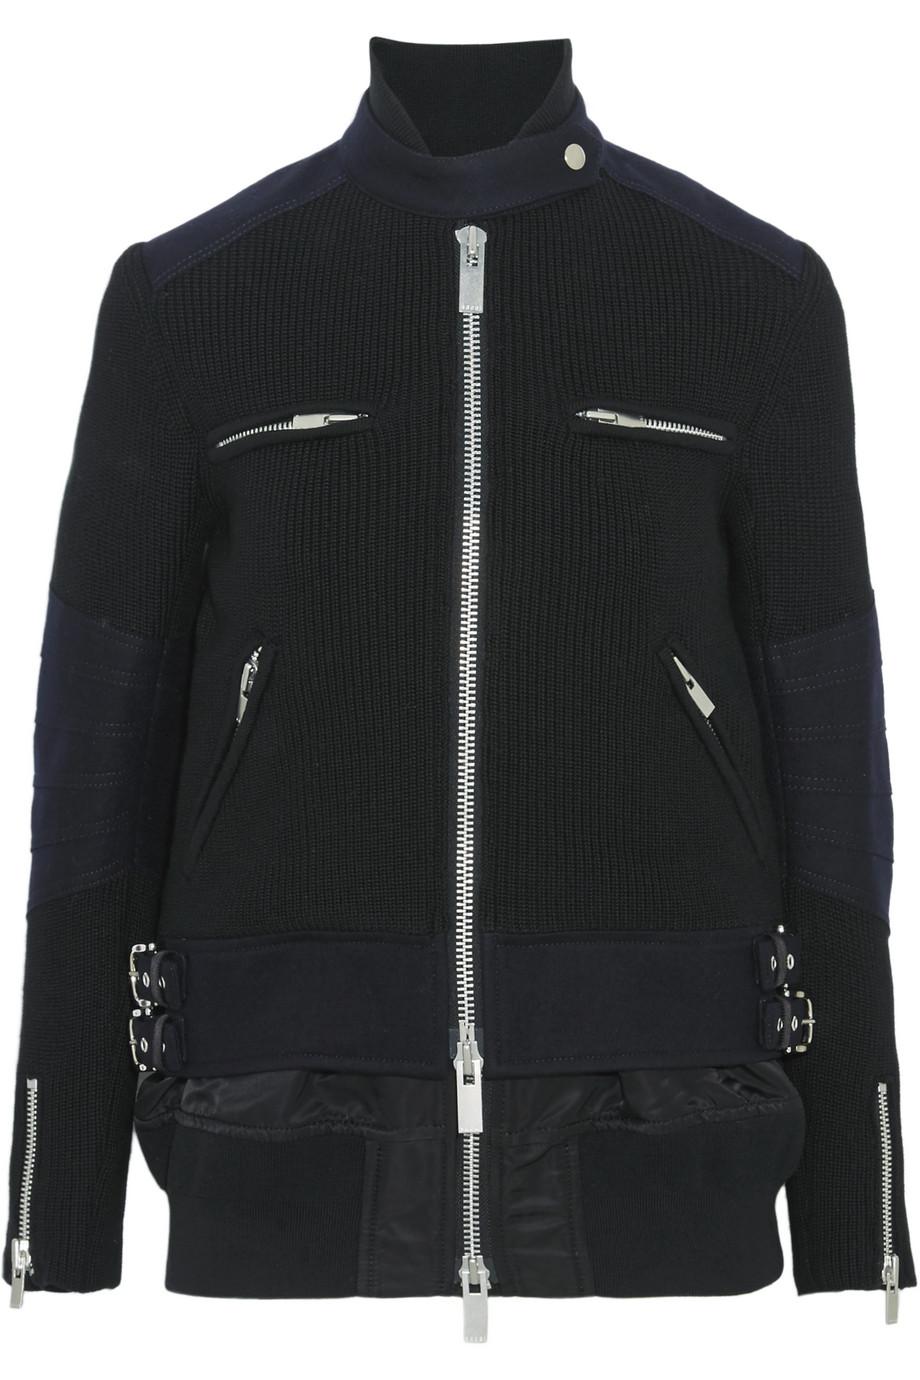 Sacai Wool and Shell Biker Jacket, Size: 1